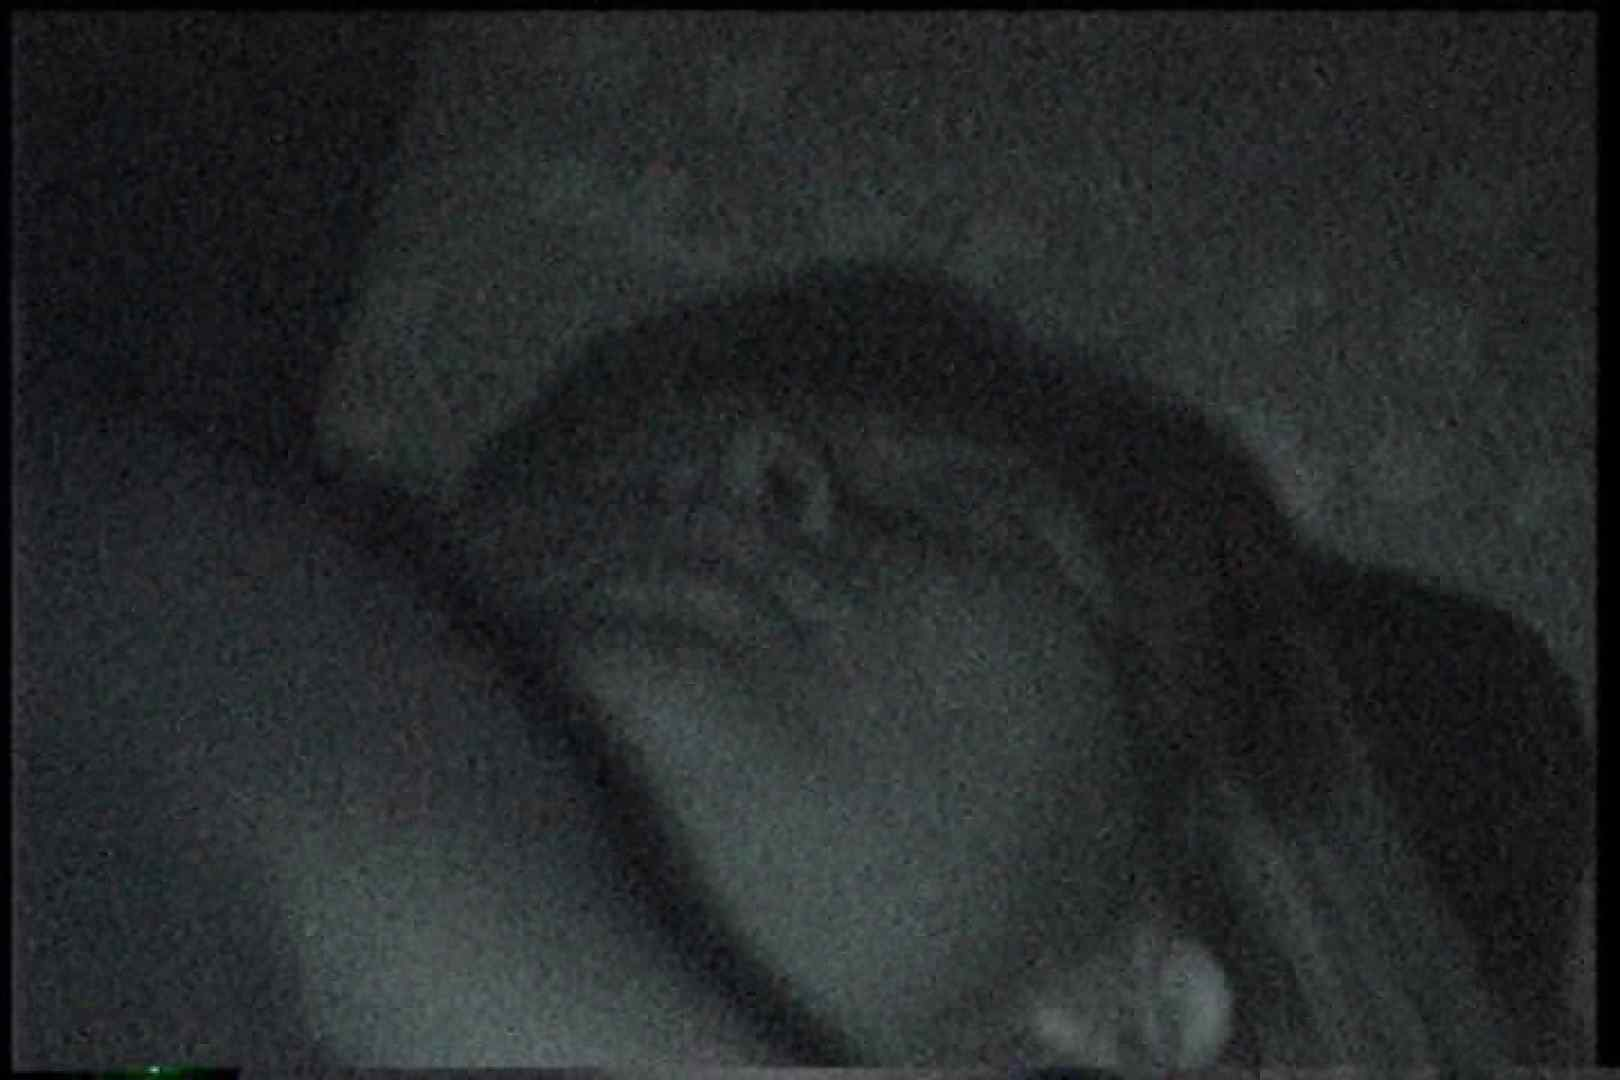 充血監督の深夜の運動会Vol.240 OLエロ画像 | 0  62PICs 15